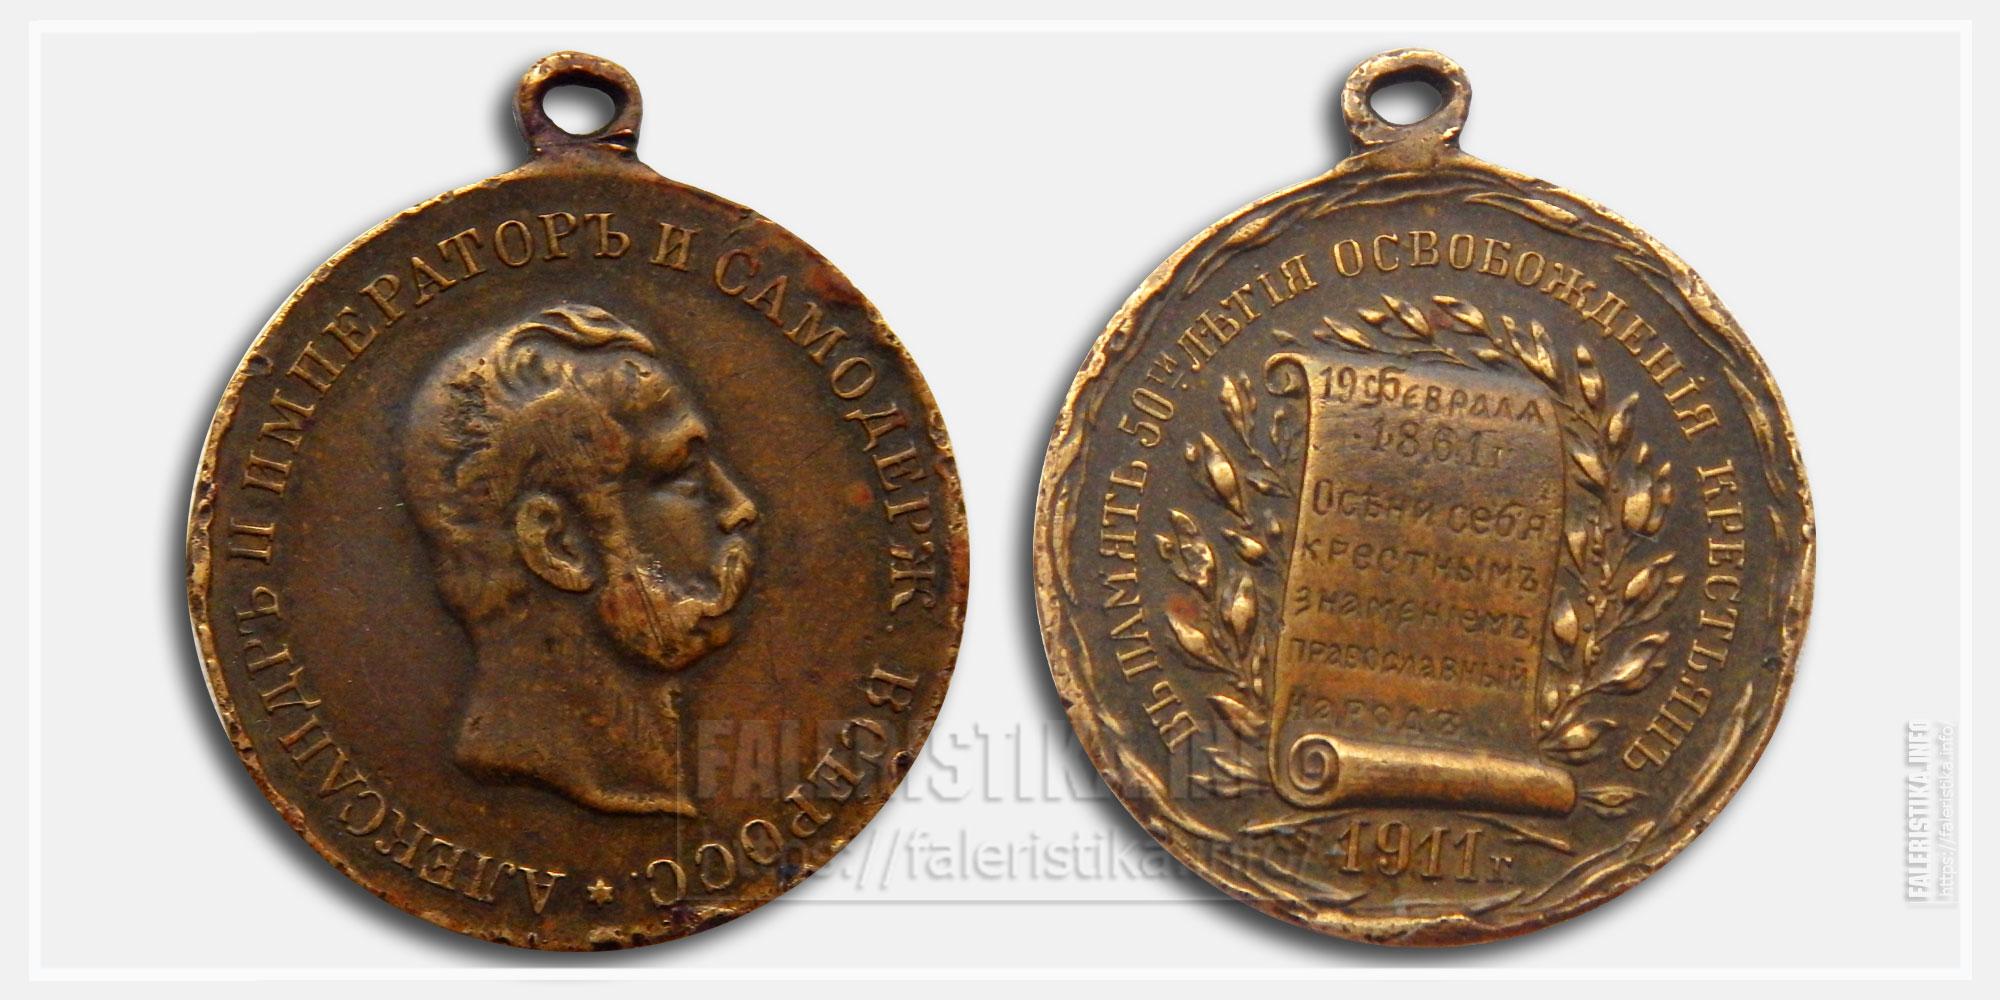 Медаль в память 50-летия освобождения крестьян 1911